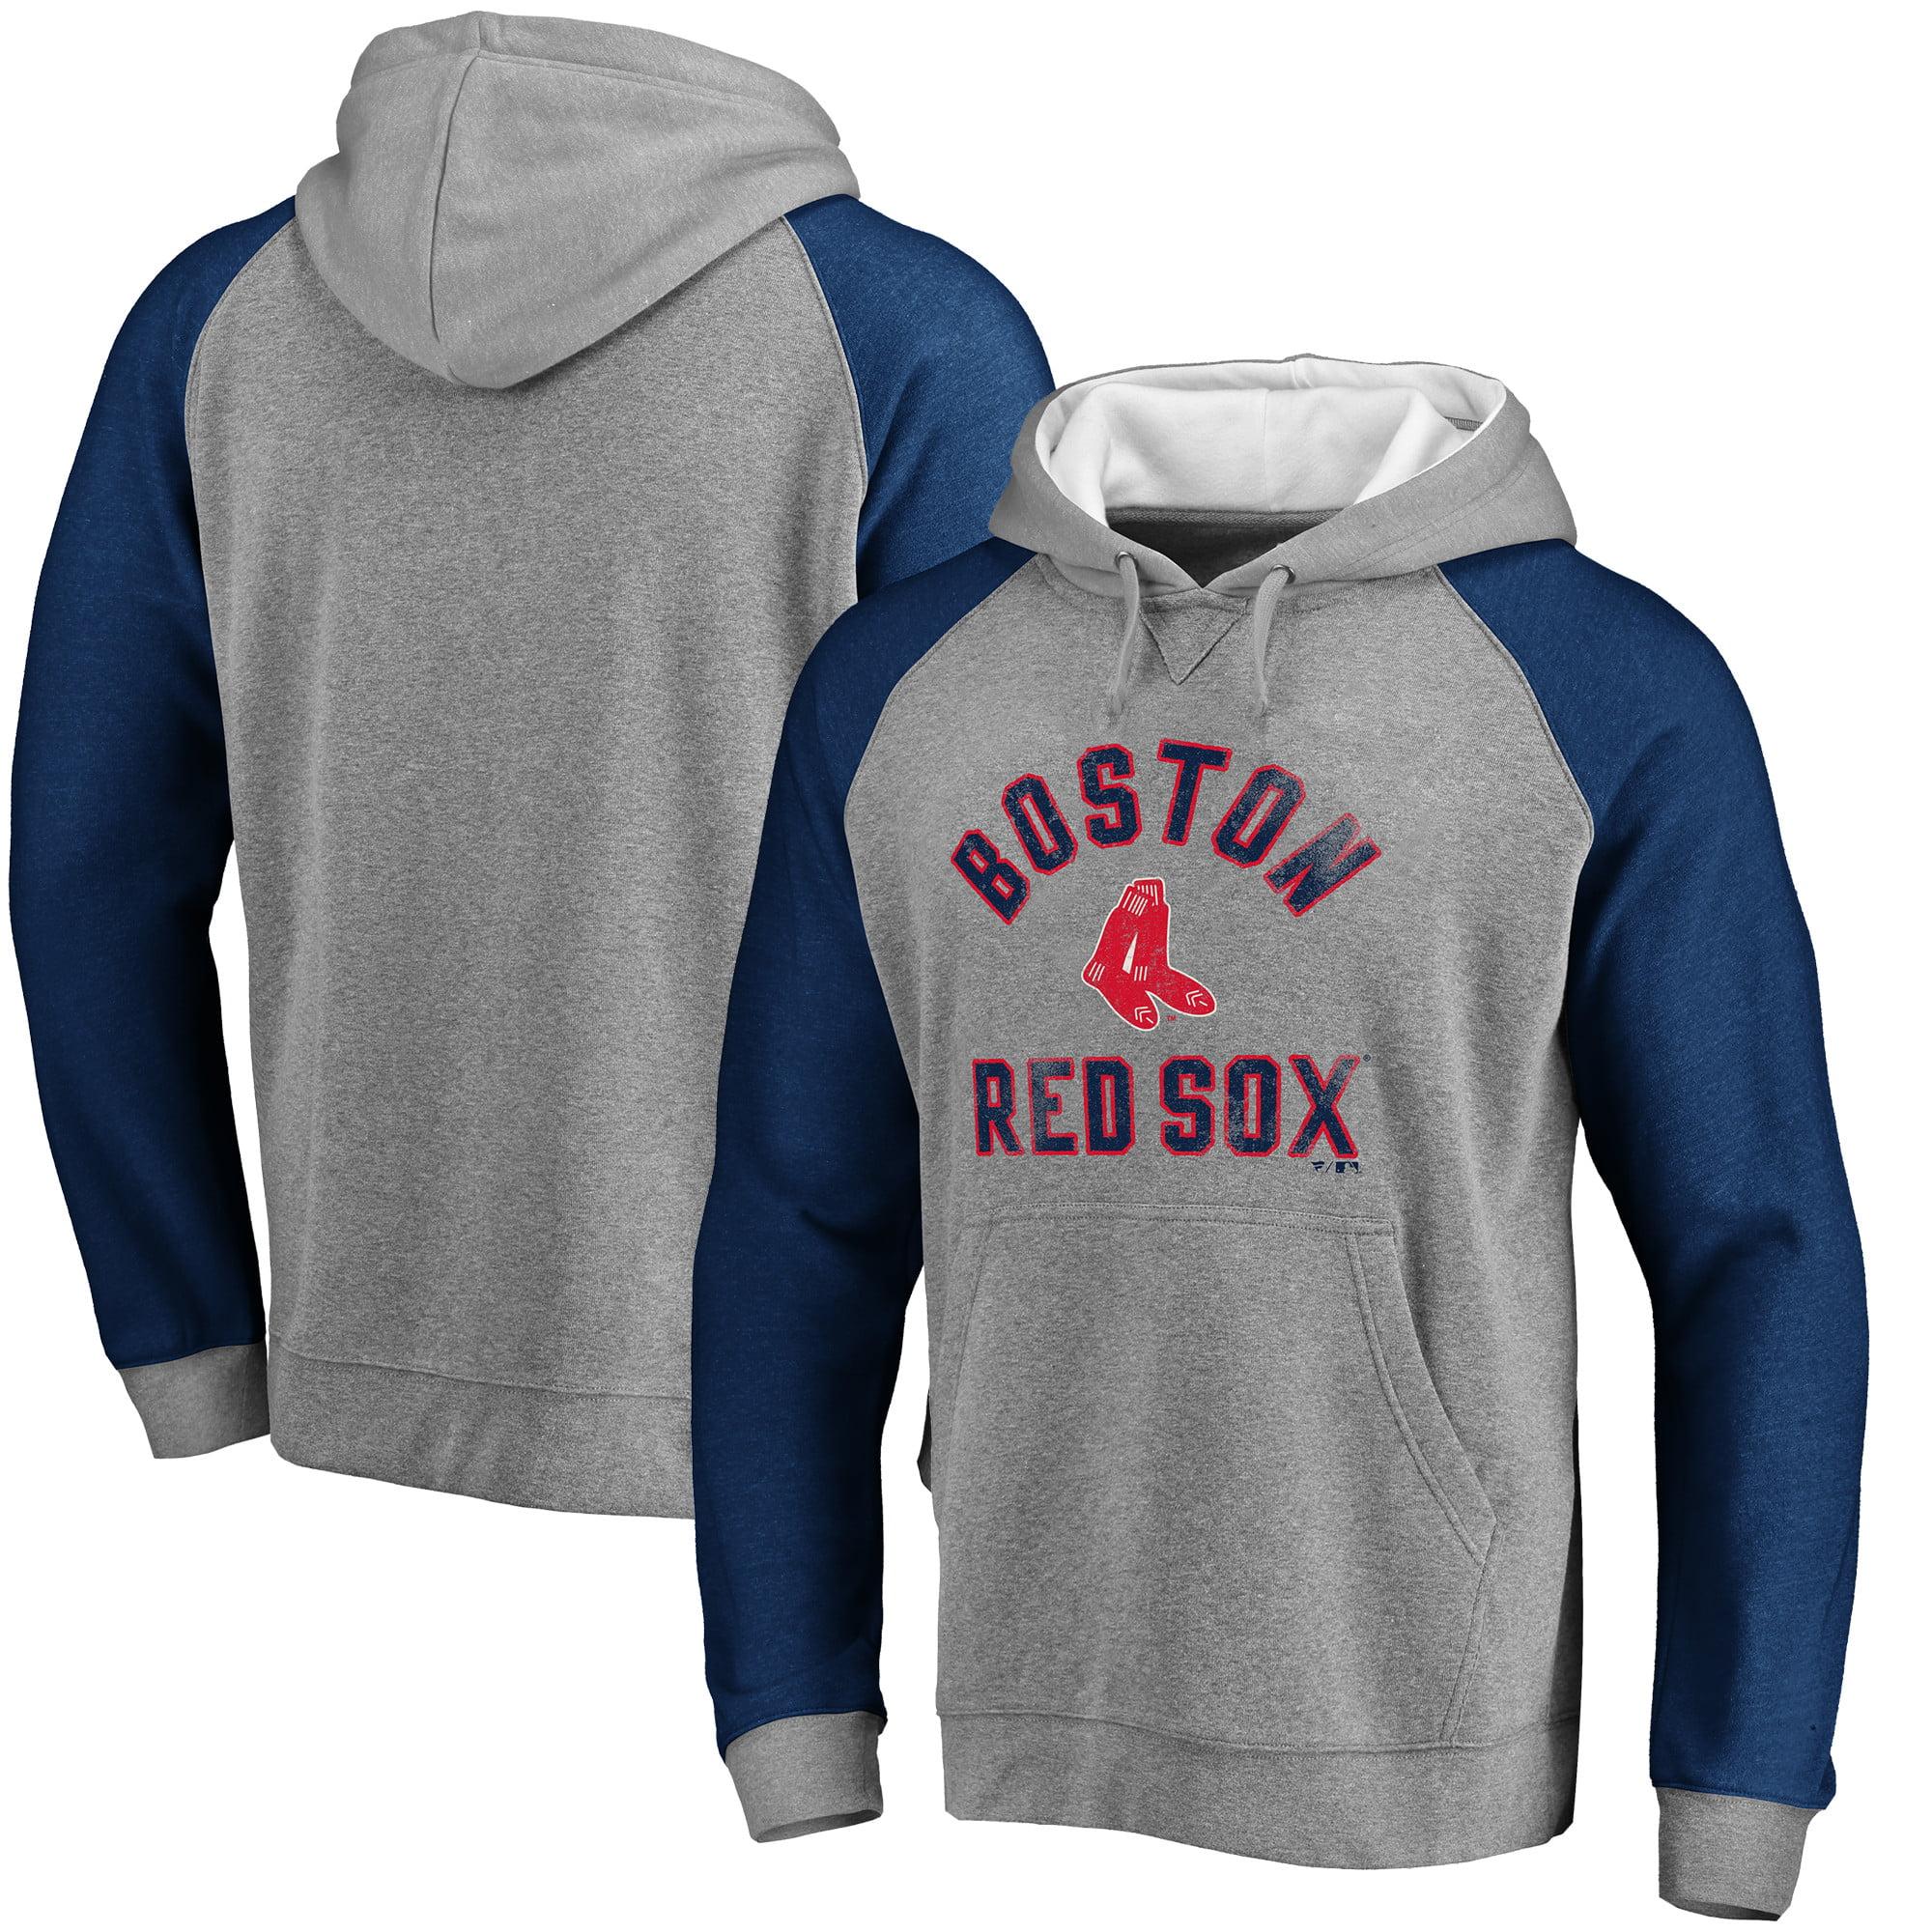 Boston Red Sox Comfort Colorblock Vintage Raglan Hoodie - Gray